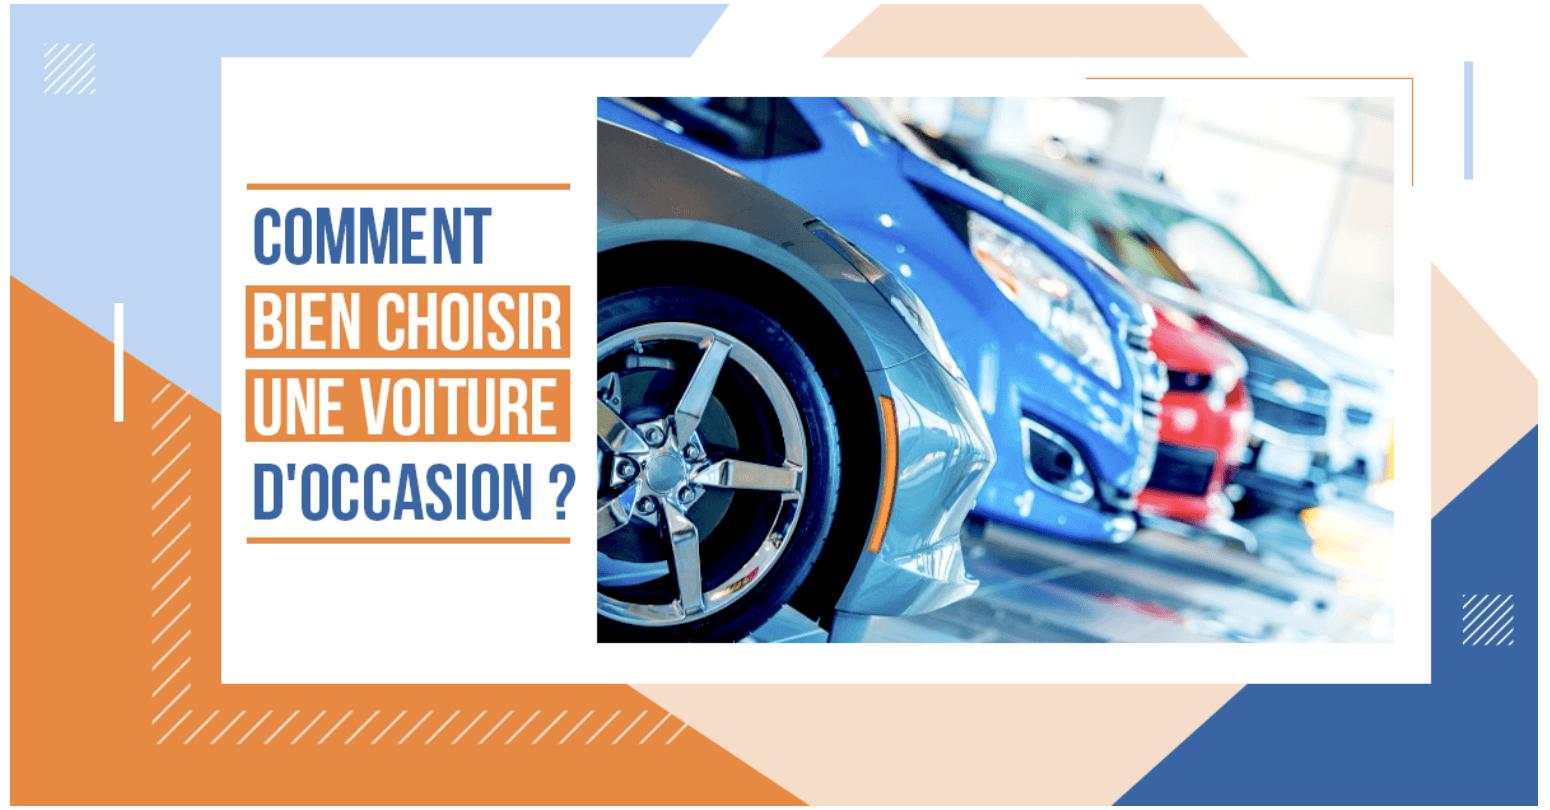 Comment bien acheter une voiture d'occasion ?